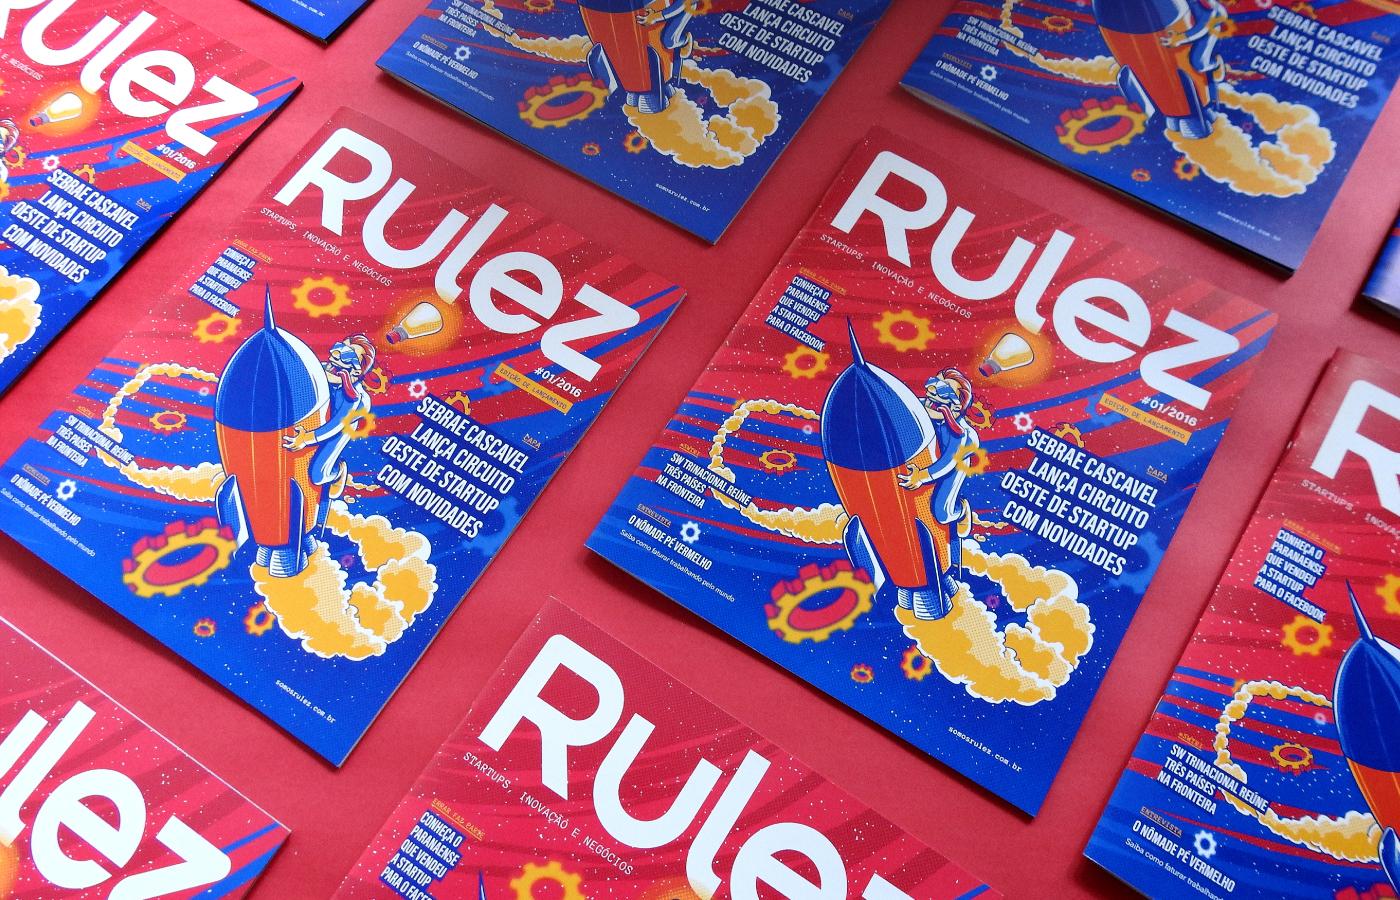 magazine revista editorial Startup rulez business launcher lançadora